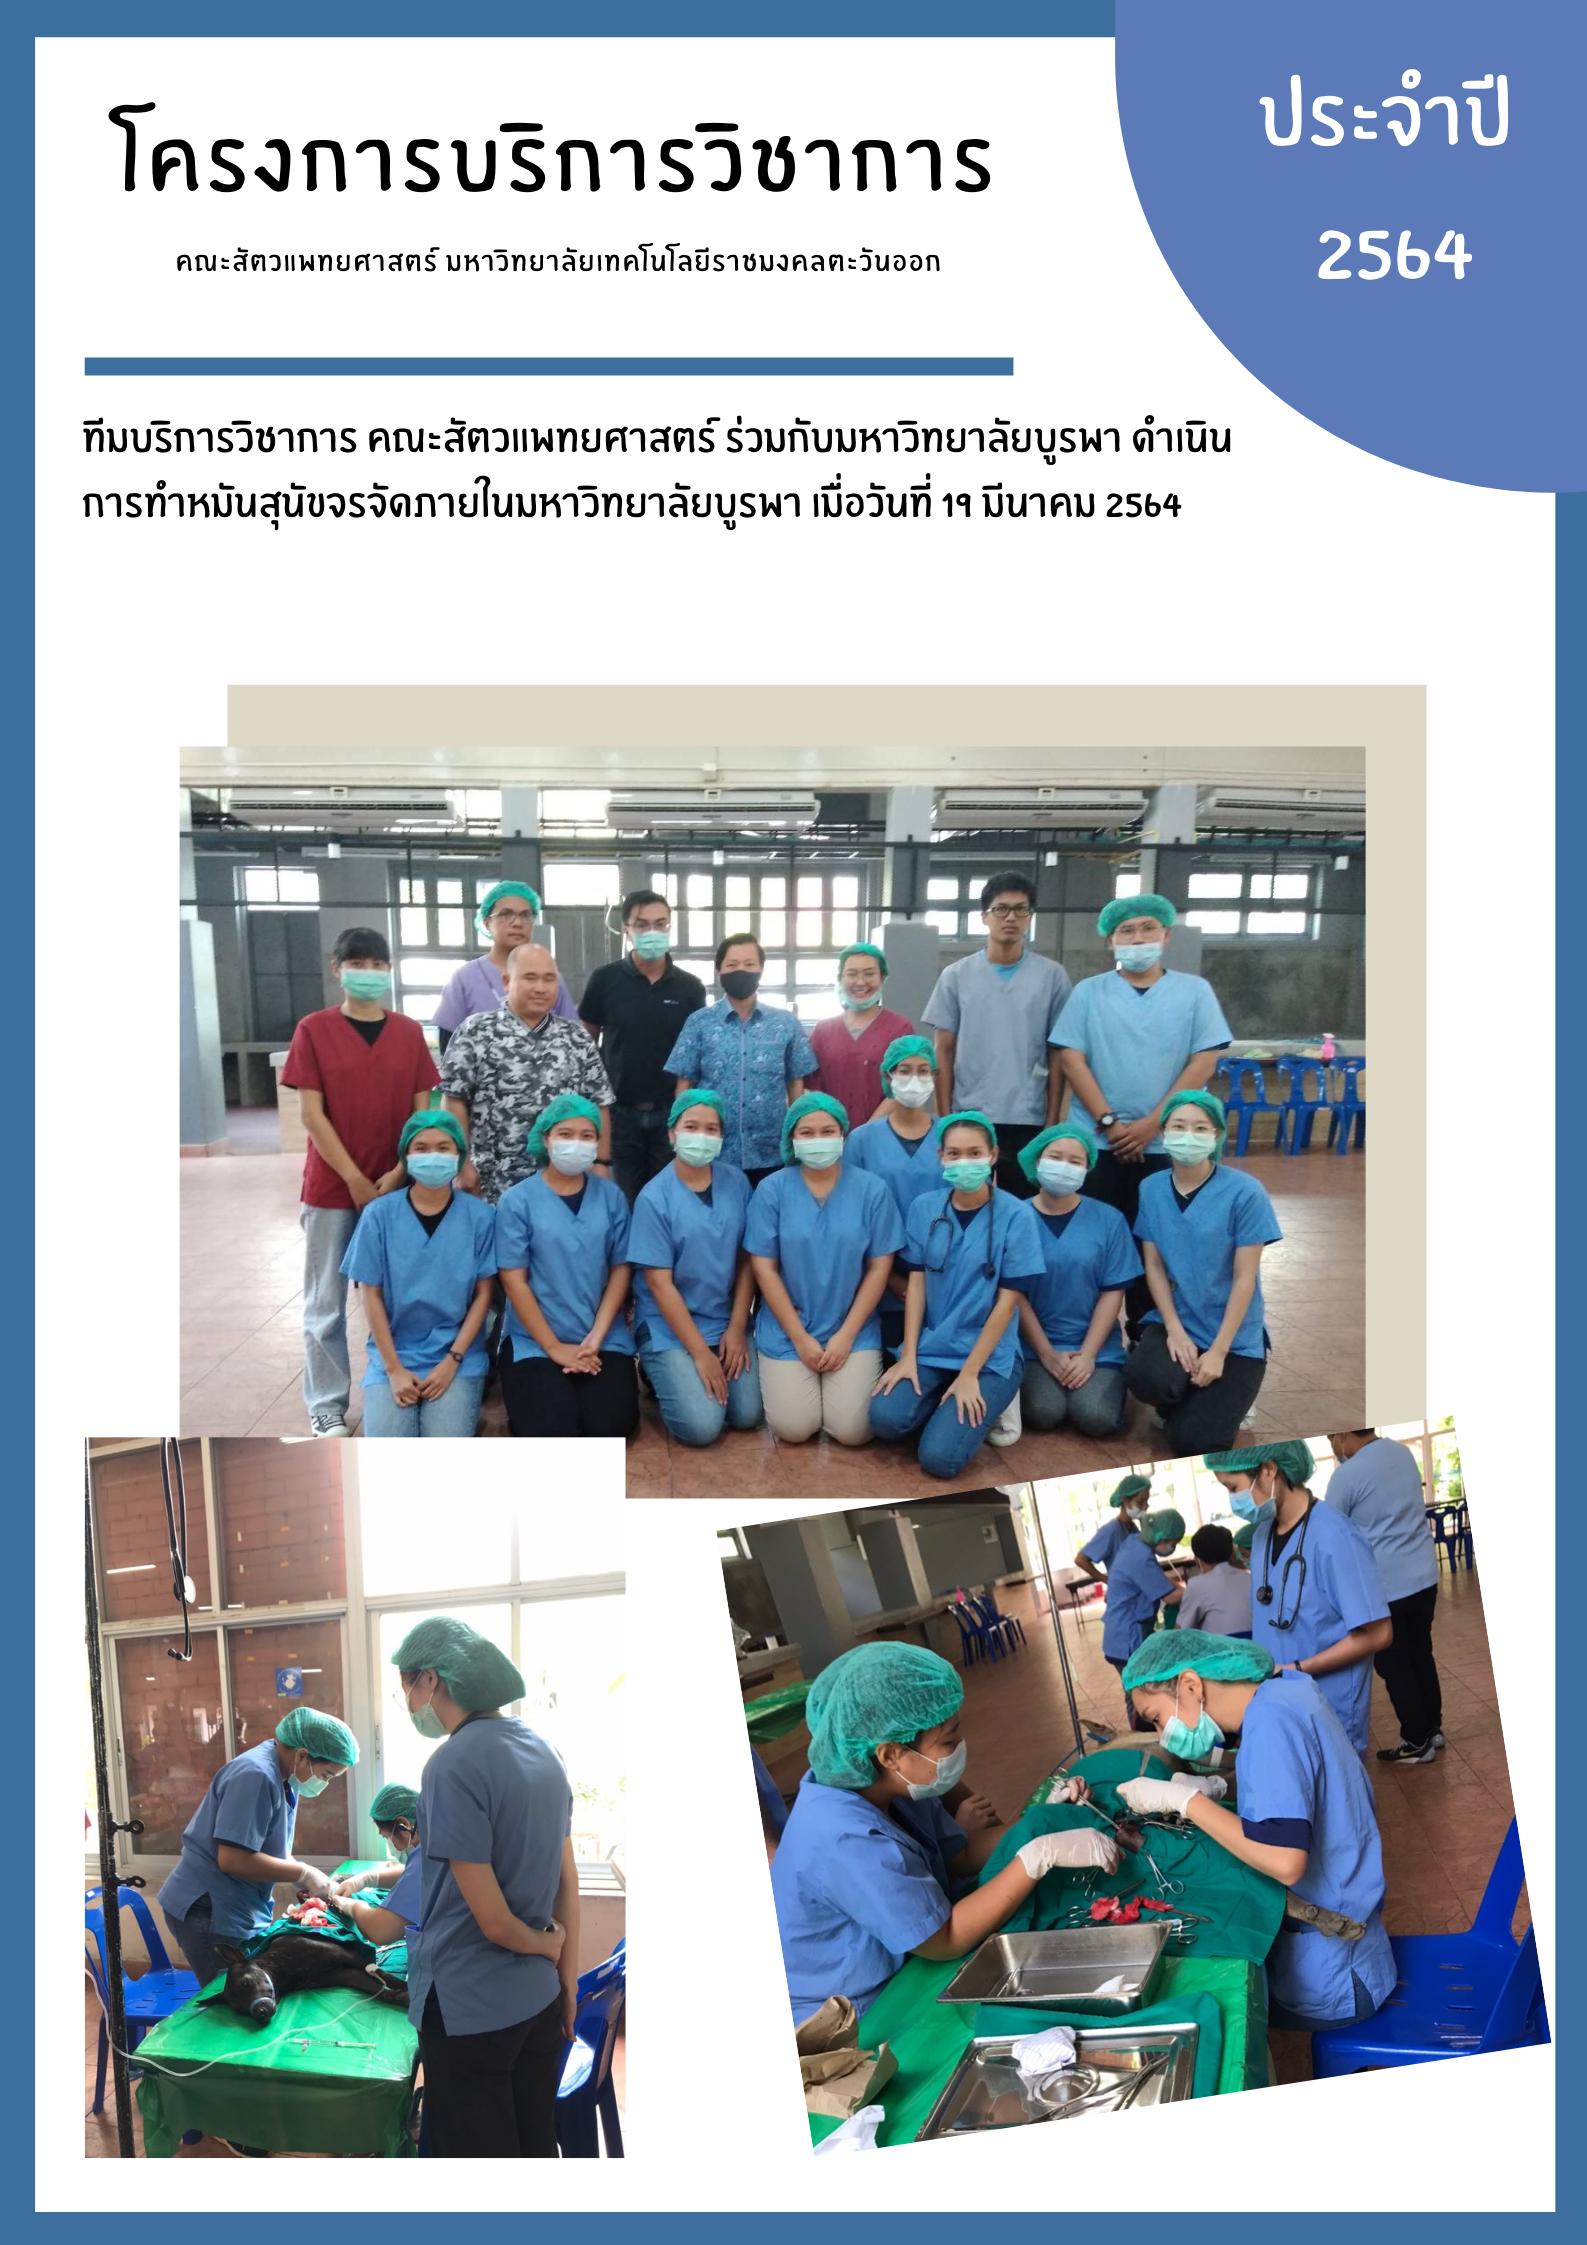 โครงการบริการวิชาการ (ม.บูรพา) ประจำปี 2564